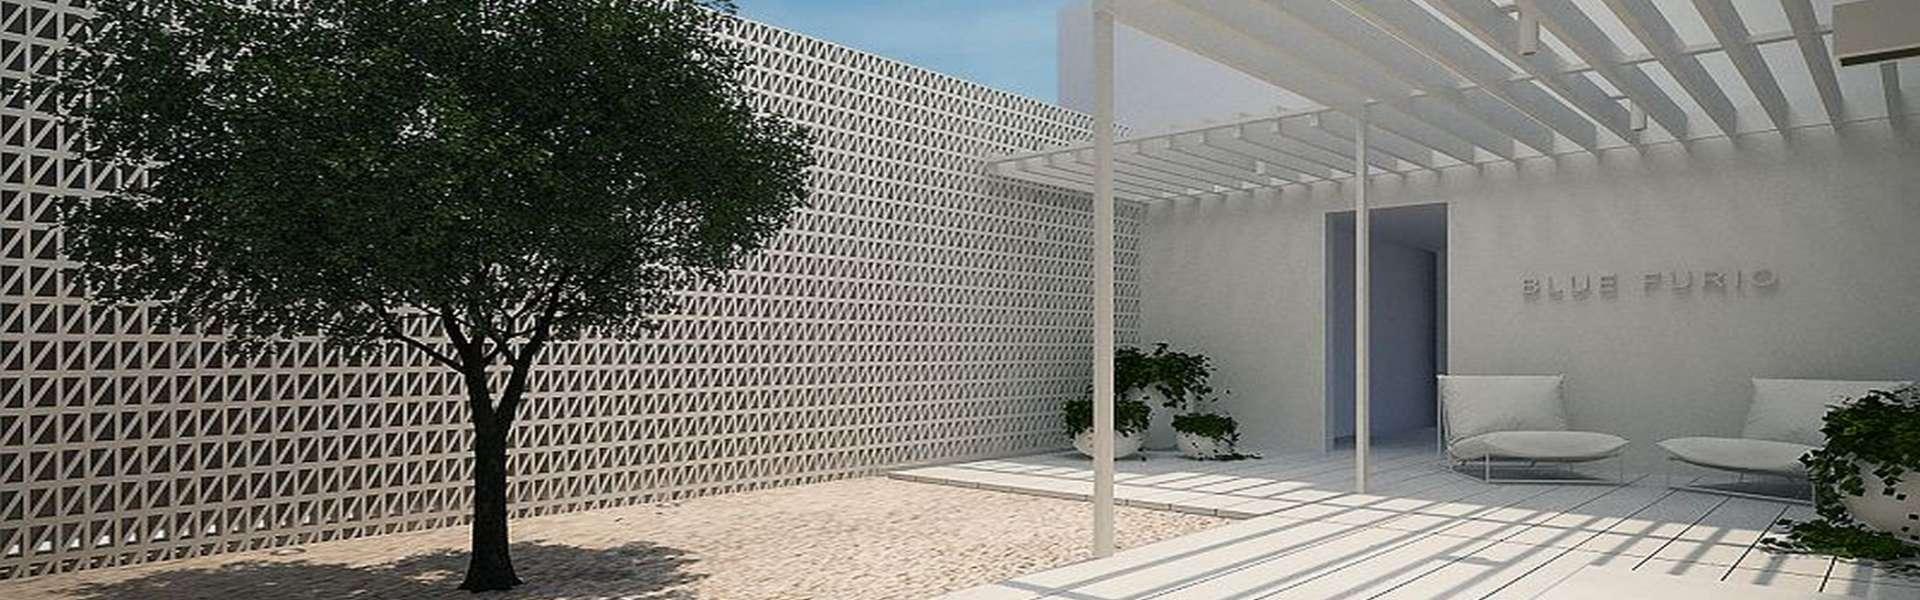 Palma/Son Armadams - Apartamentos/Aticos con hermosas vistas